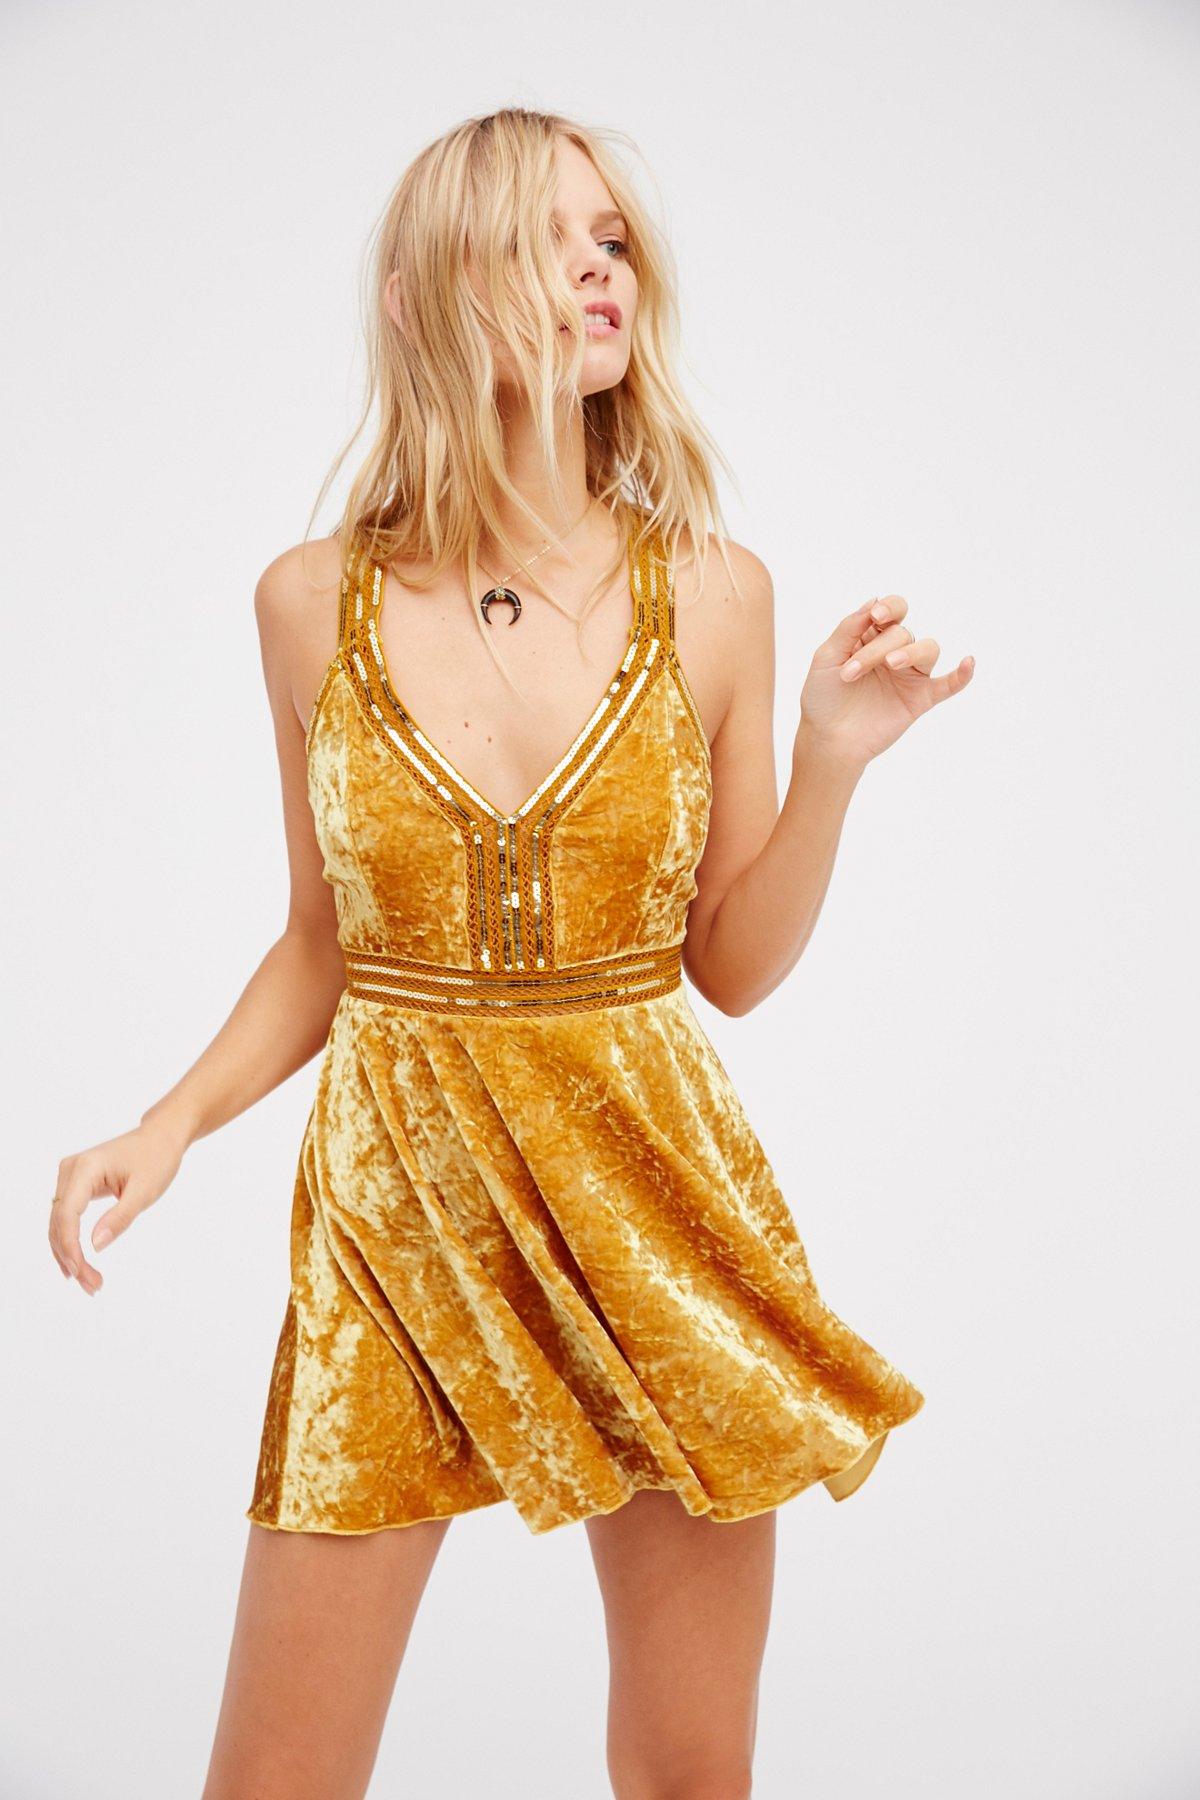 Heidi天鹅绒紧身喇叭裙